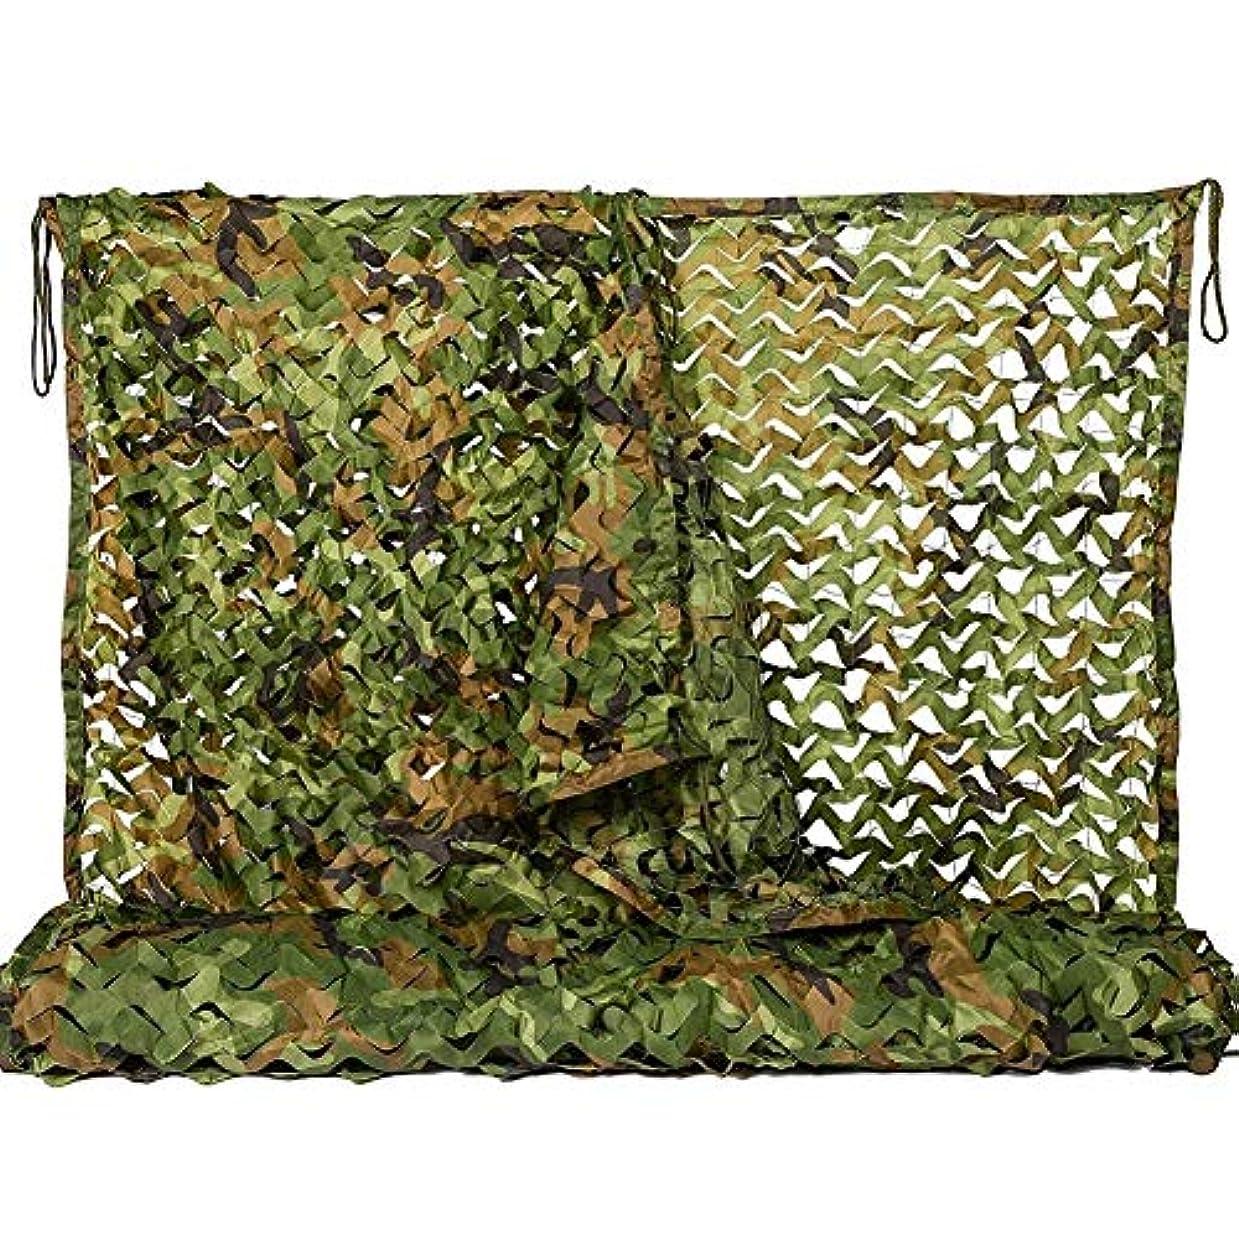 りひばりパワーウッドランド迷彩ネッティング砂漠迷彩ネットキャンプ軍事狩猟射撃盲目的観察非表示パーティー装飾 (Color : Woodland camouflage, Size : 2x5m)